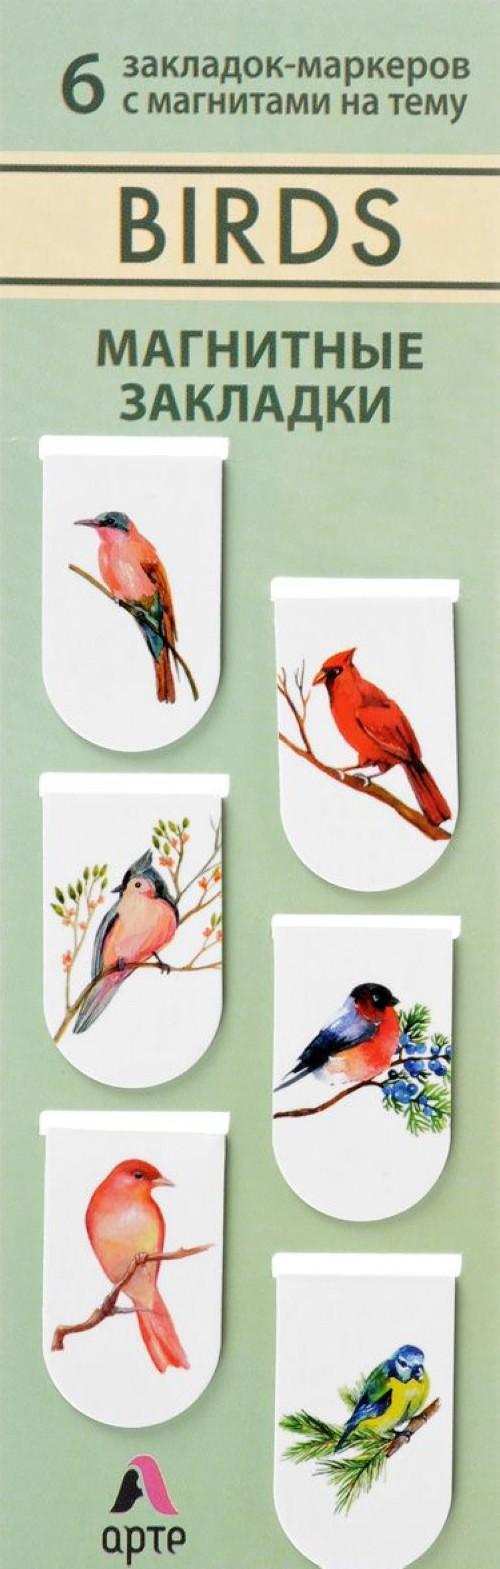 Birds. Magnitnye zakladki